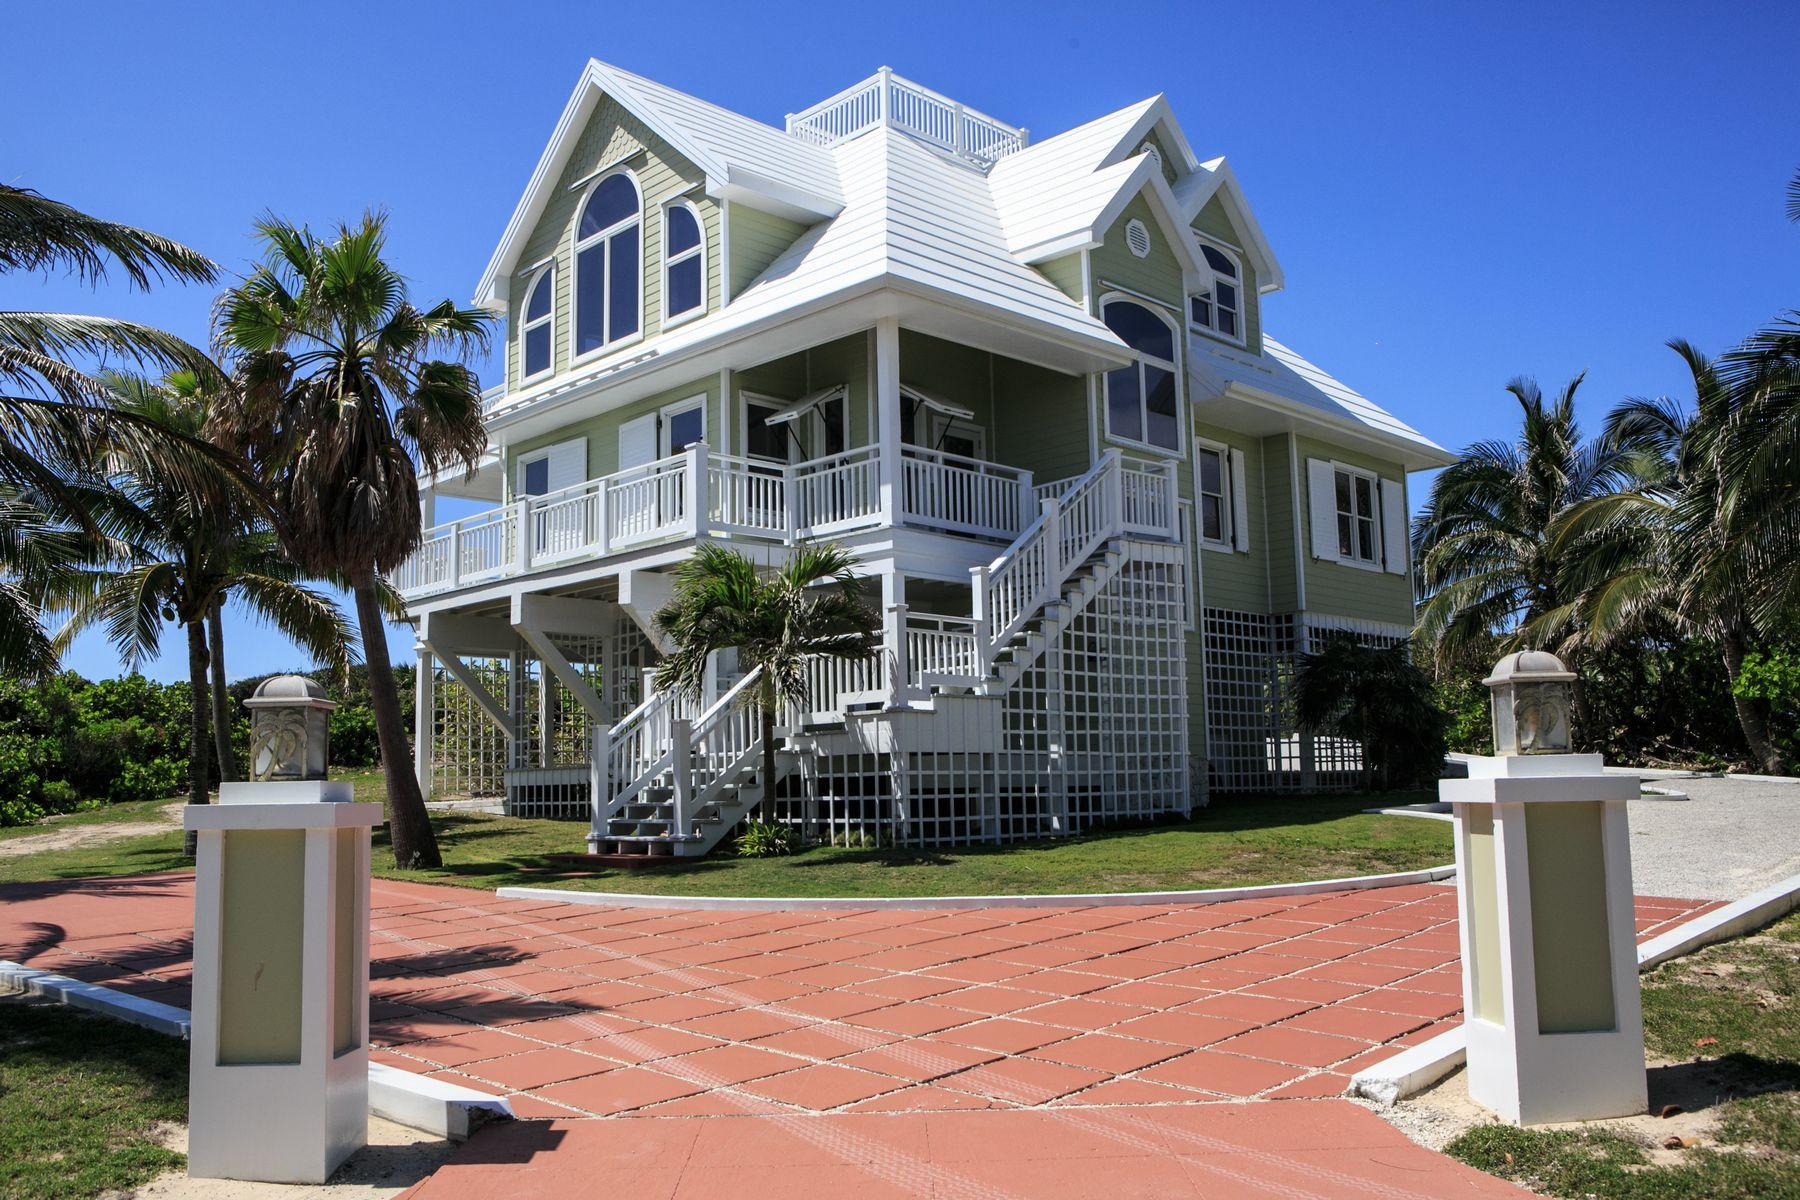 独户住宅 为 销售 在 Starry Night Other Bahamas, 巴哈马的其他地区 巴哈马